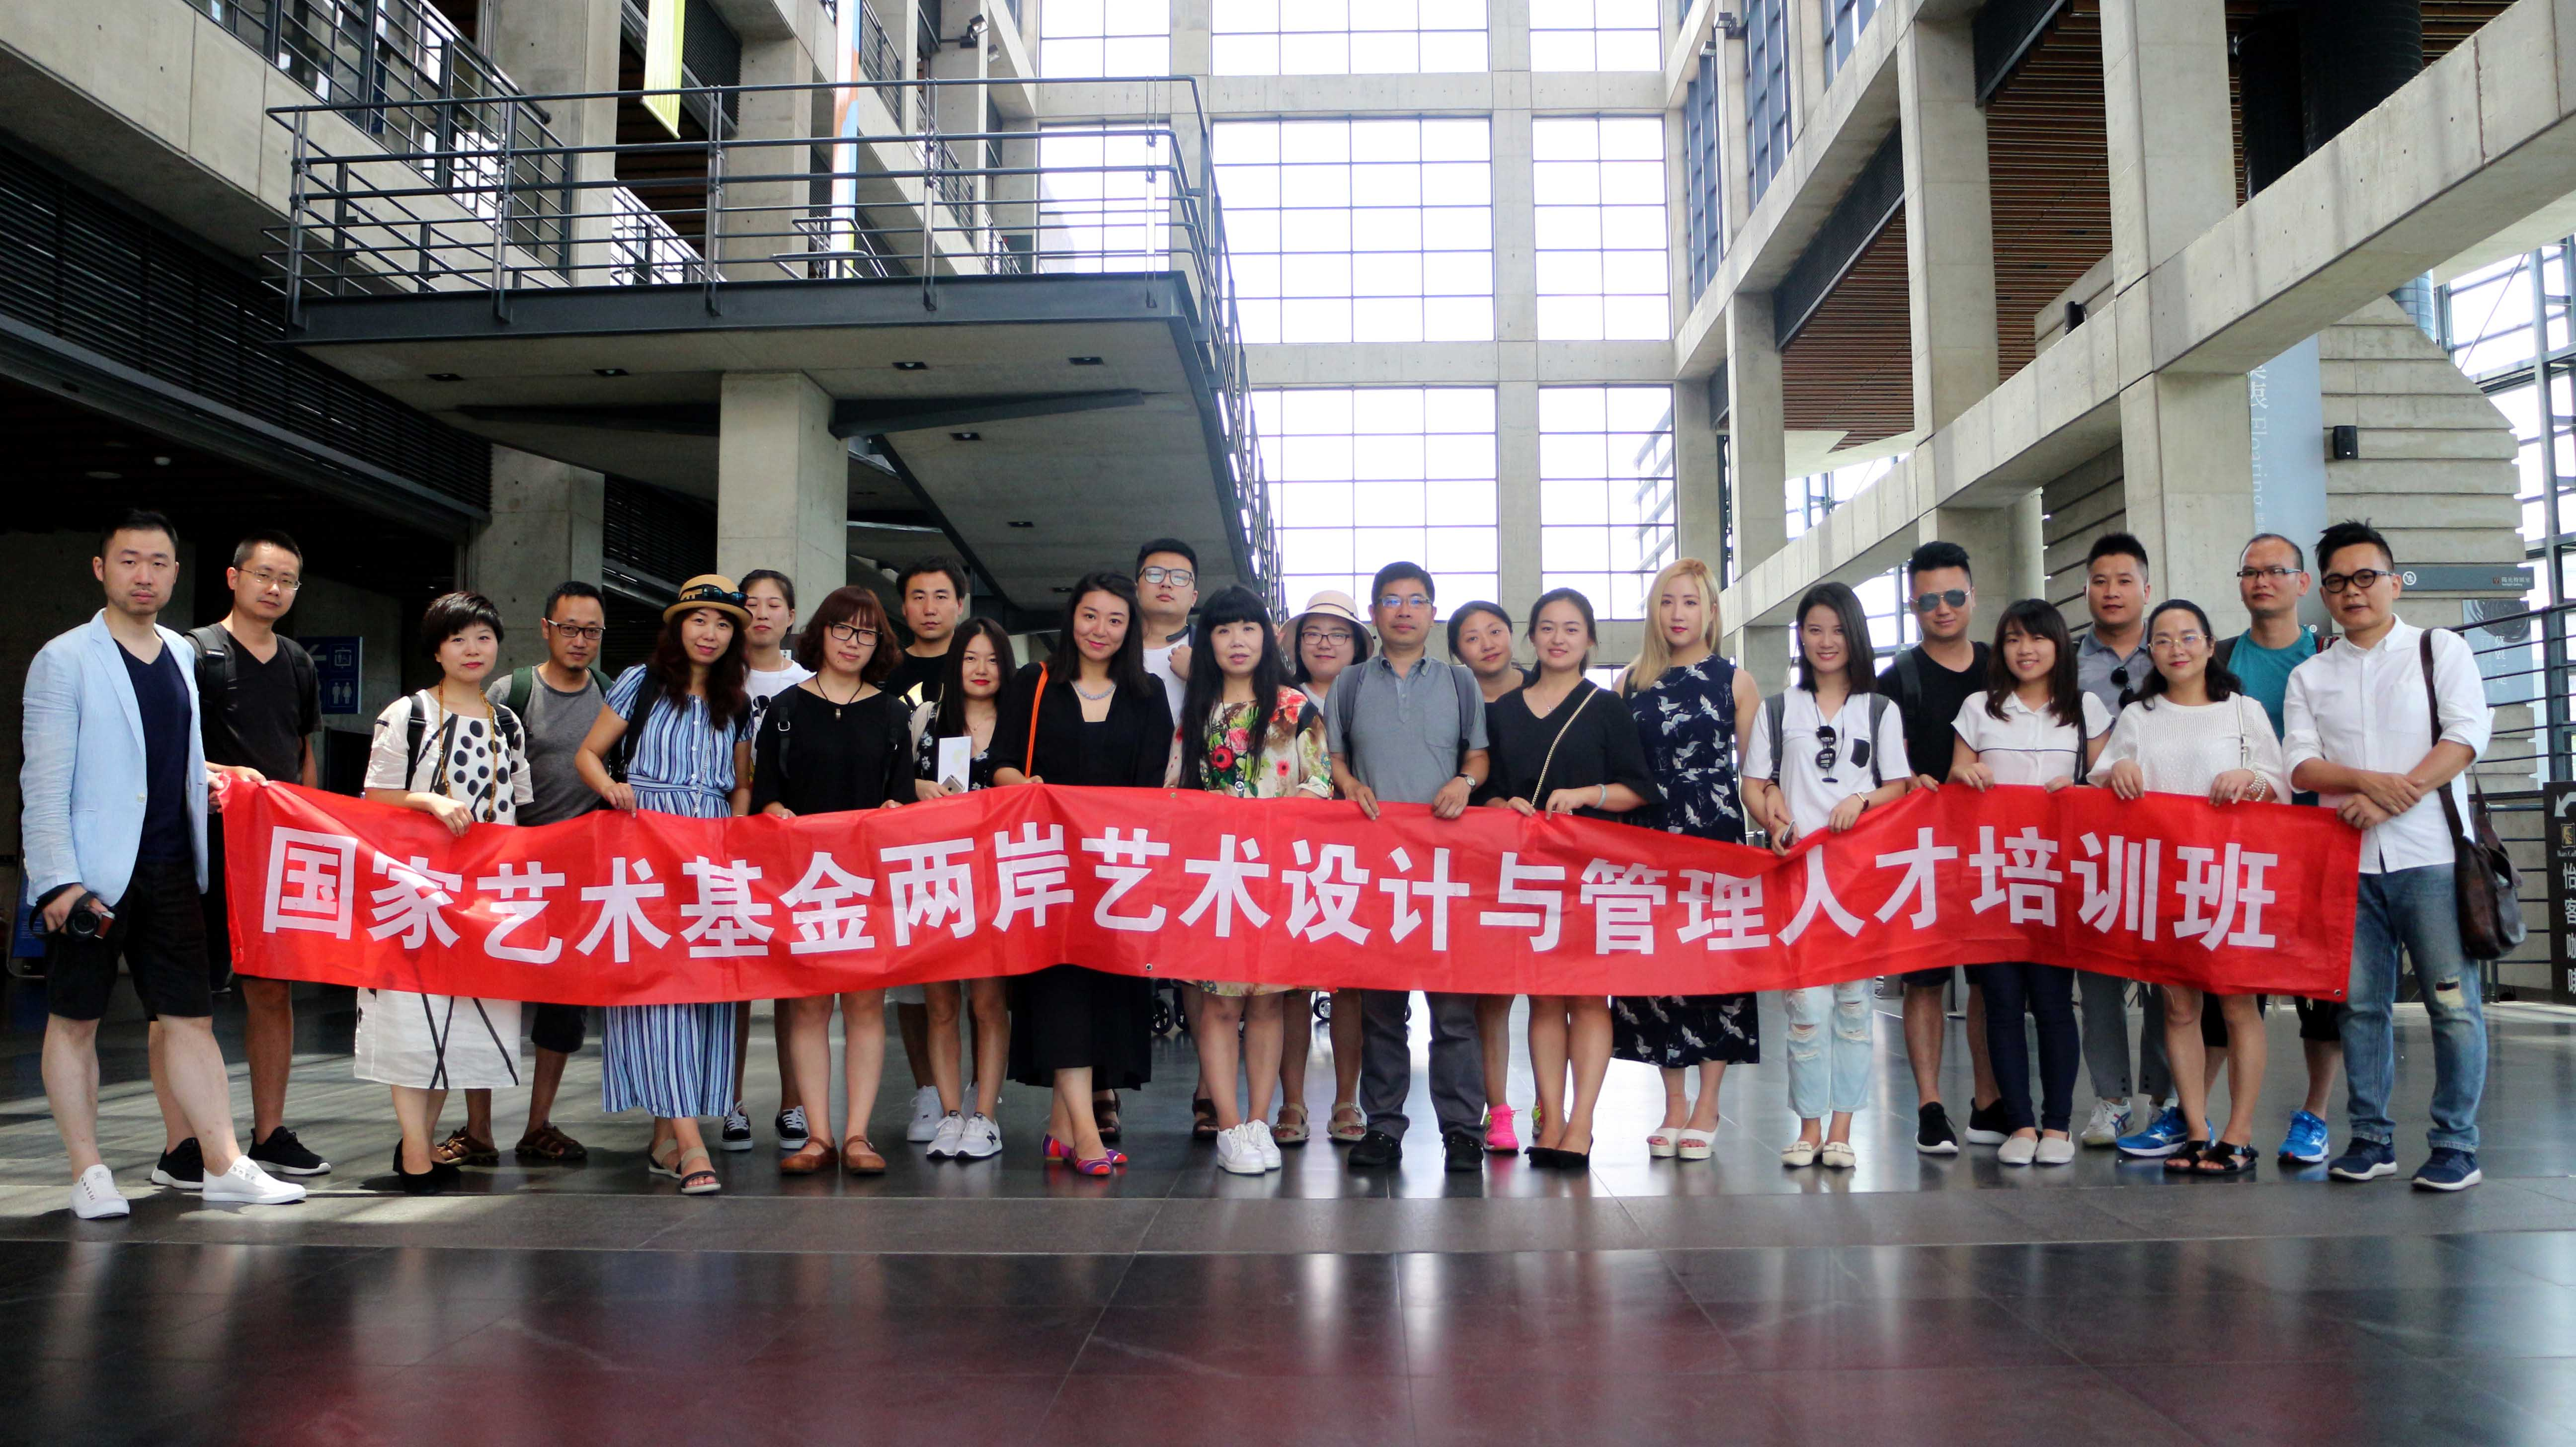 通稿照片-鶯歌陶瓷博物館為北臺灣獨具特色的文創景點,兩岸產學菁英進行參觀考察.jpg